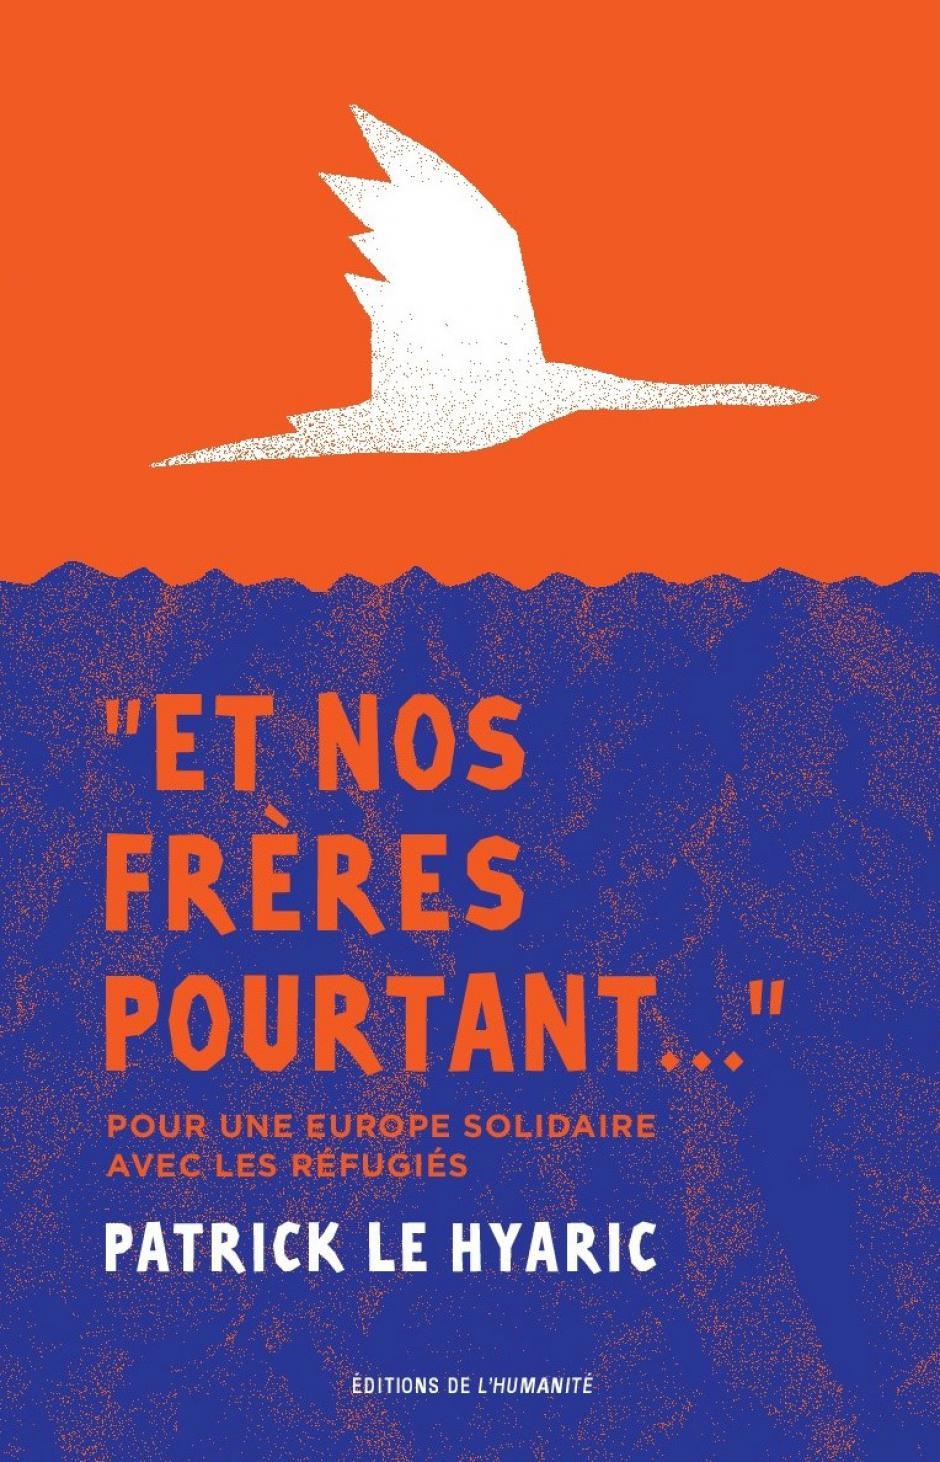 « Etrangers et nos frères pourtant…» Le nouveau livre de Patrick Le Hyaric